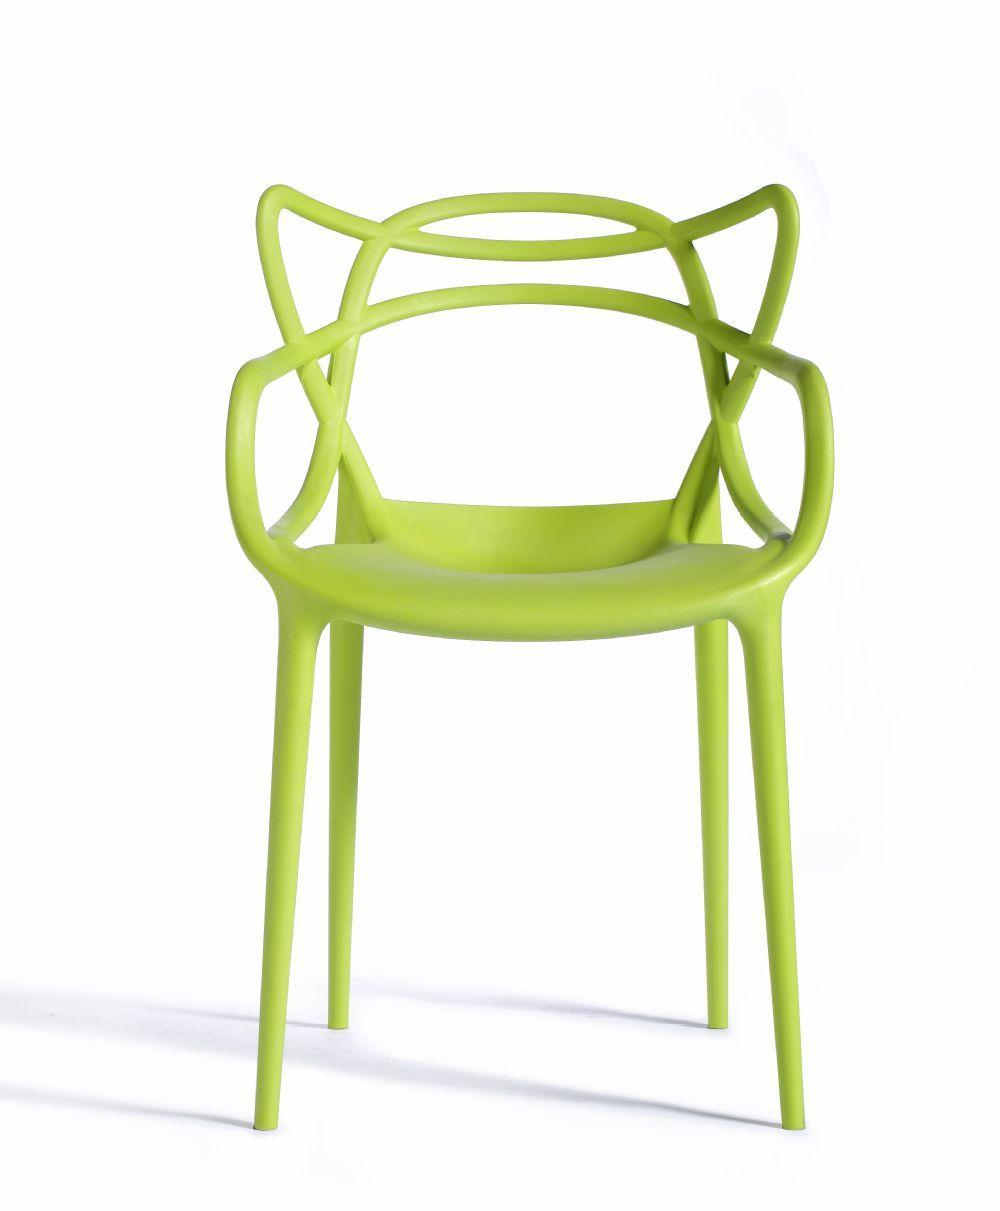 Etourdissant Chaise Plastique Design Pas Cher